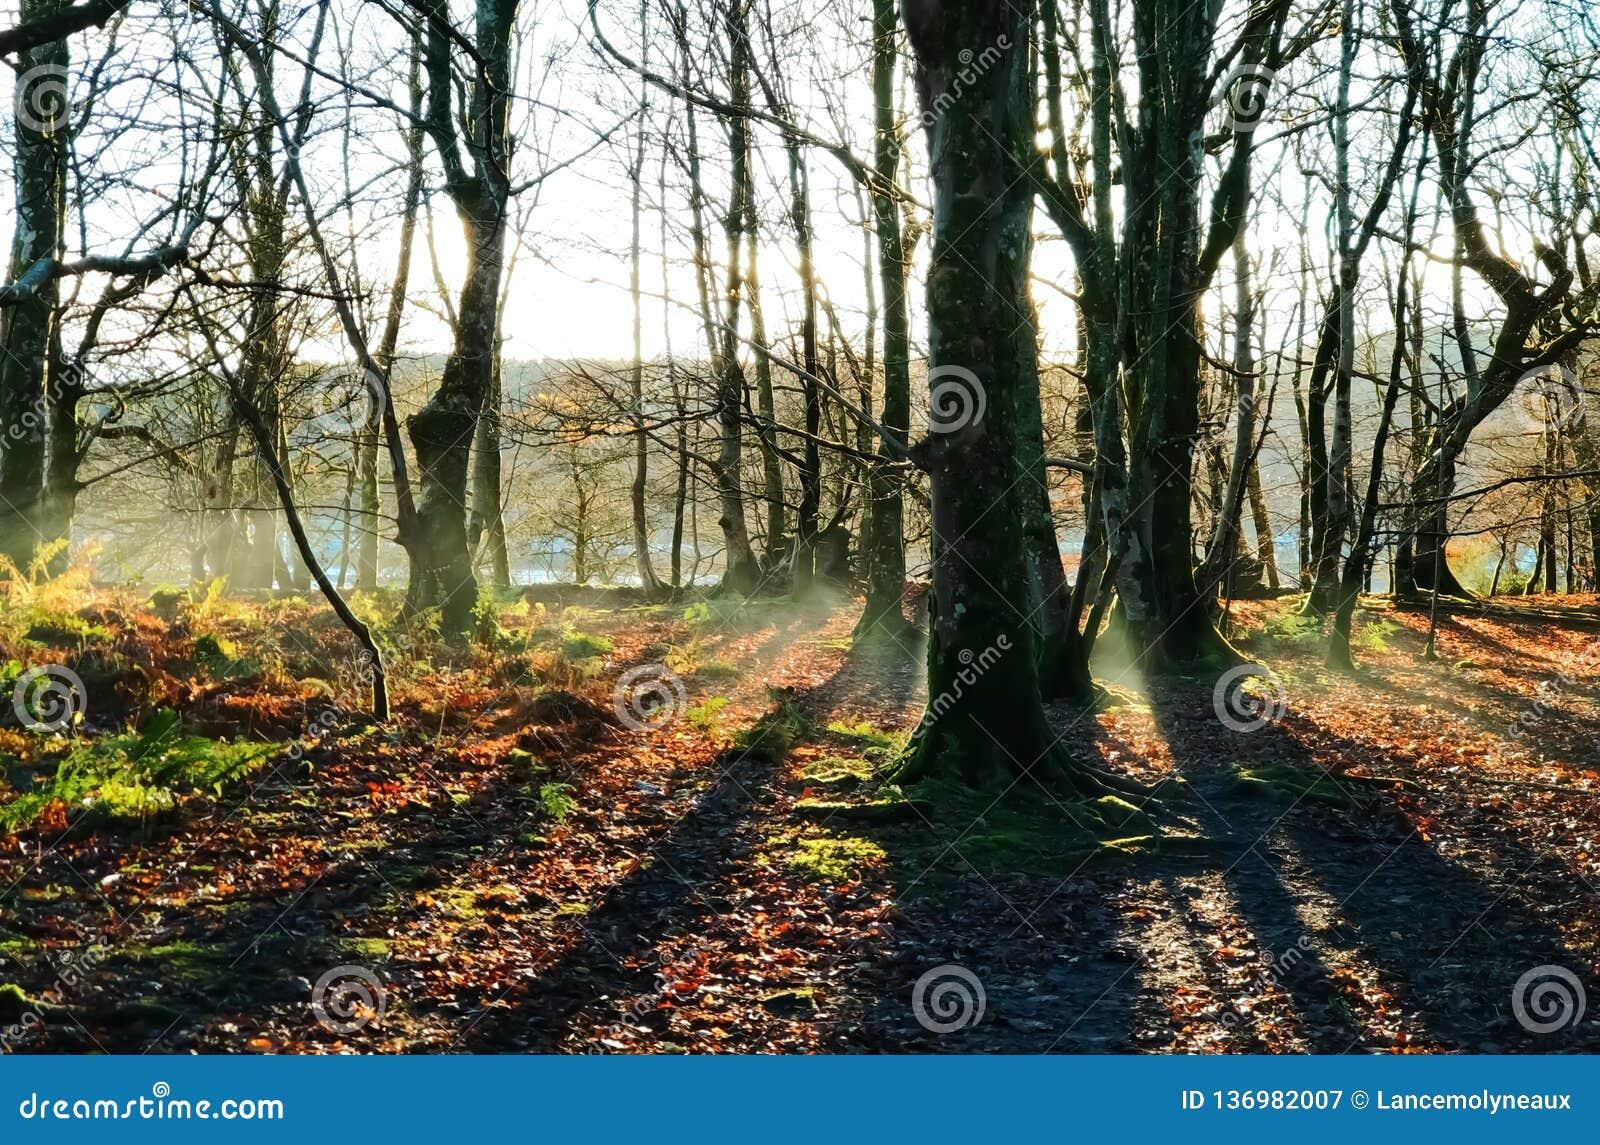 Туман осени раннего утра поднимает в пустой лес